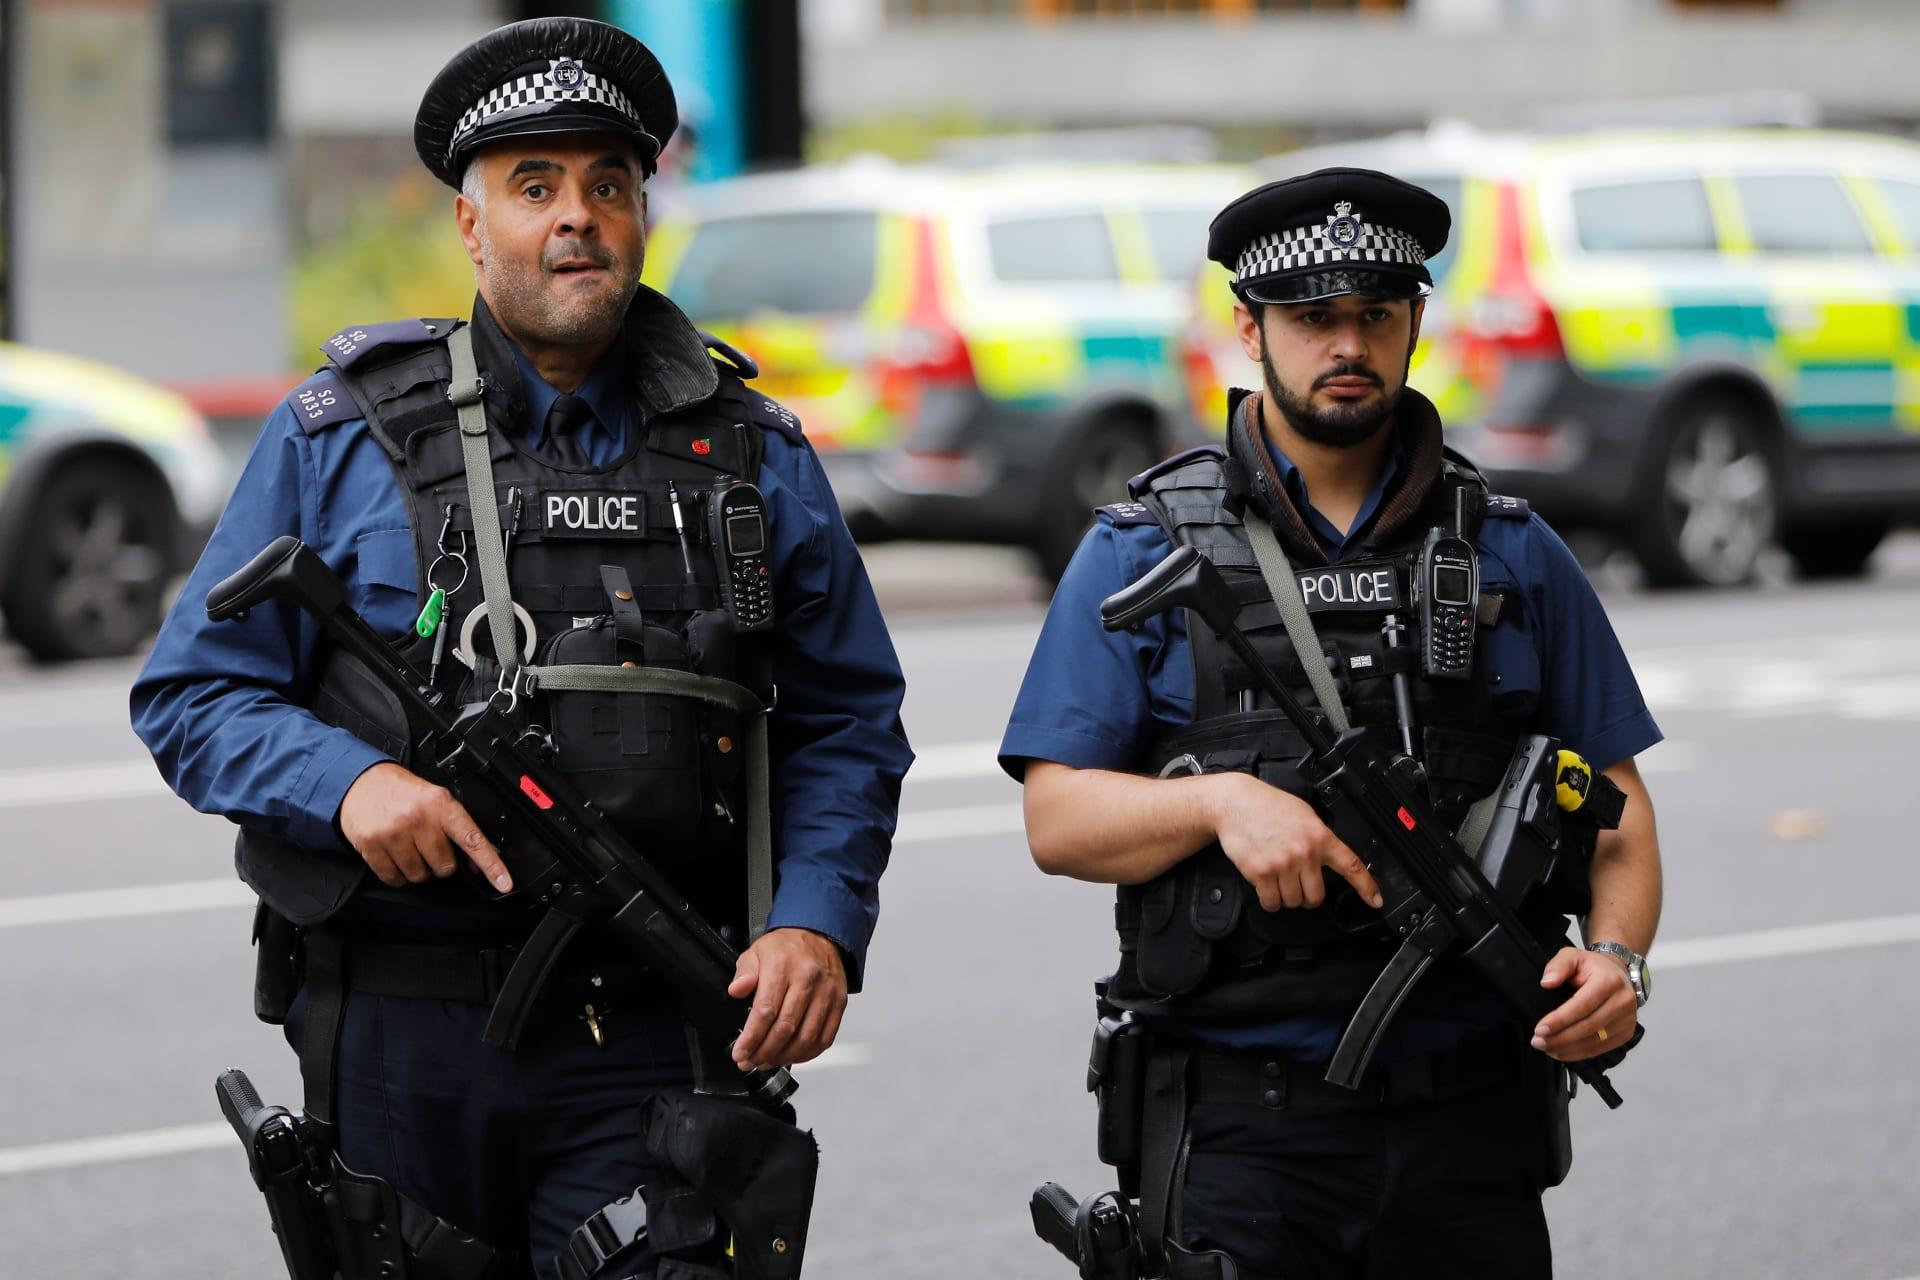 قائد المخابرات البريطانية: خطر المتطرفين الإسلاميين غير مسبوق